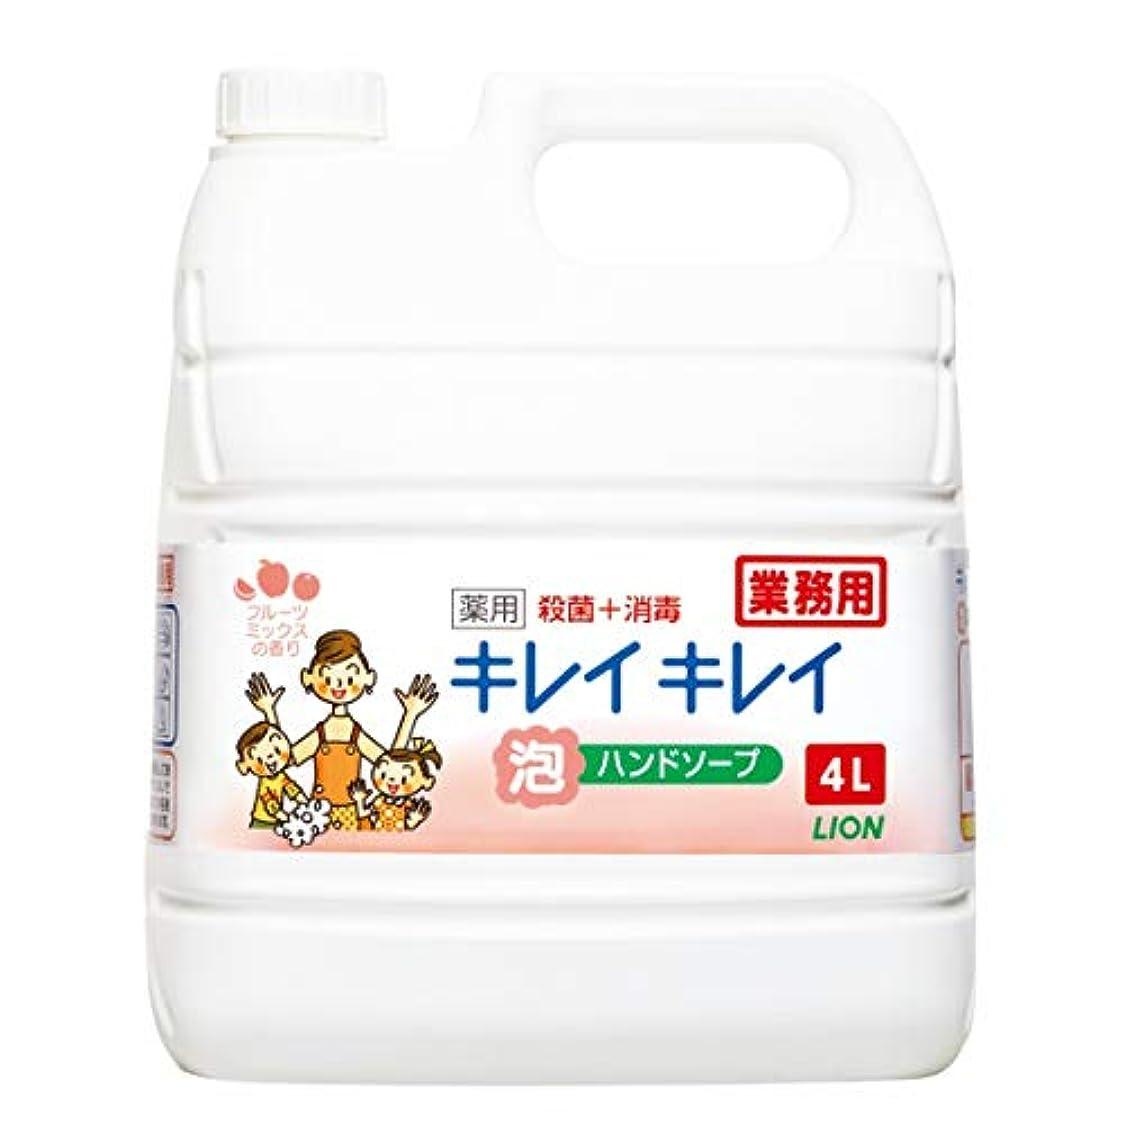 しょっぱい準備ができて残酷な【業務用 大容量】キレイキレイ 薬用 泡ハンドソープフルーツミックスの香り 4L(医薬部外品)